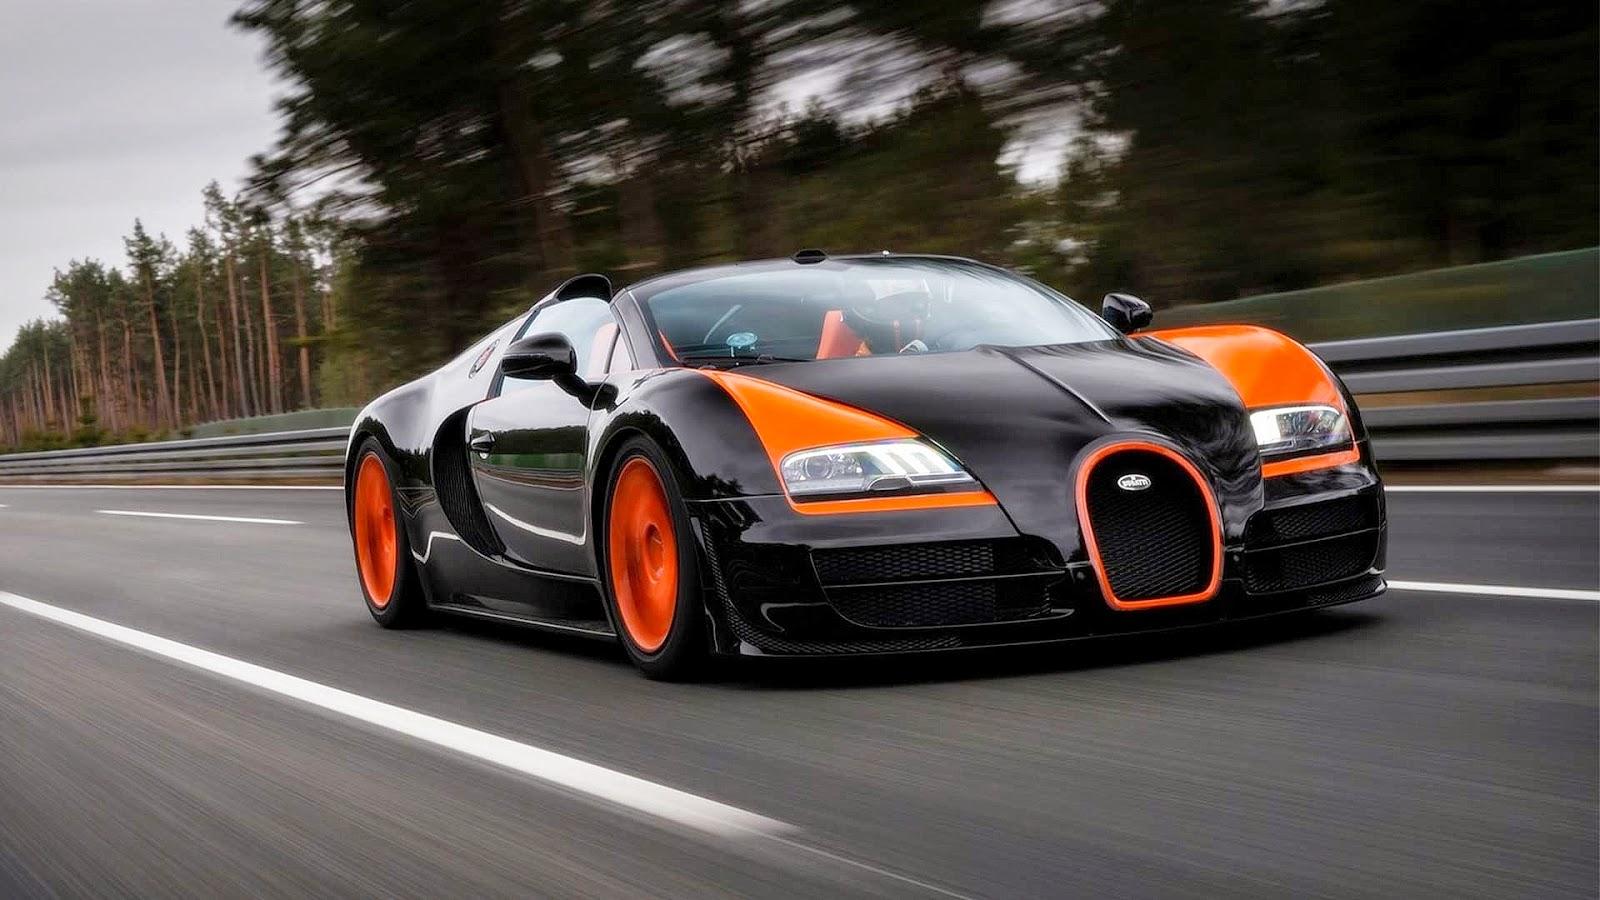 Mobil Tercepat di dunia: 431 km/h (268 mph)